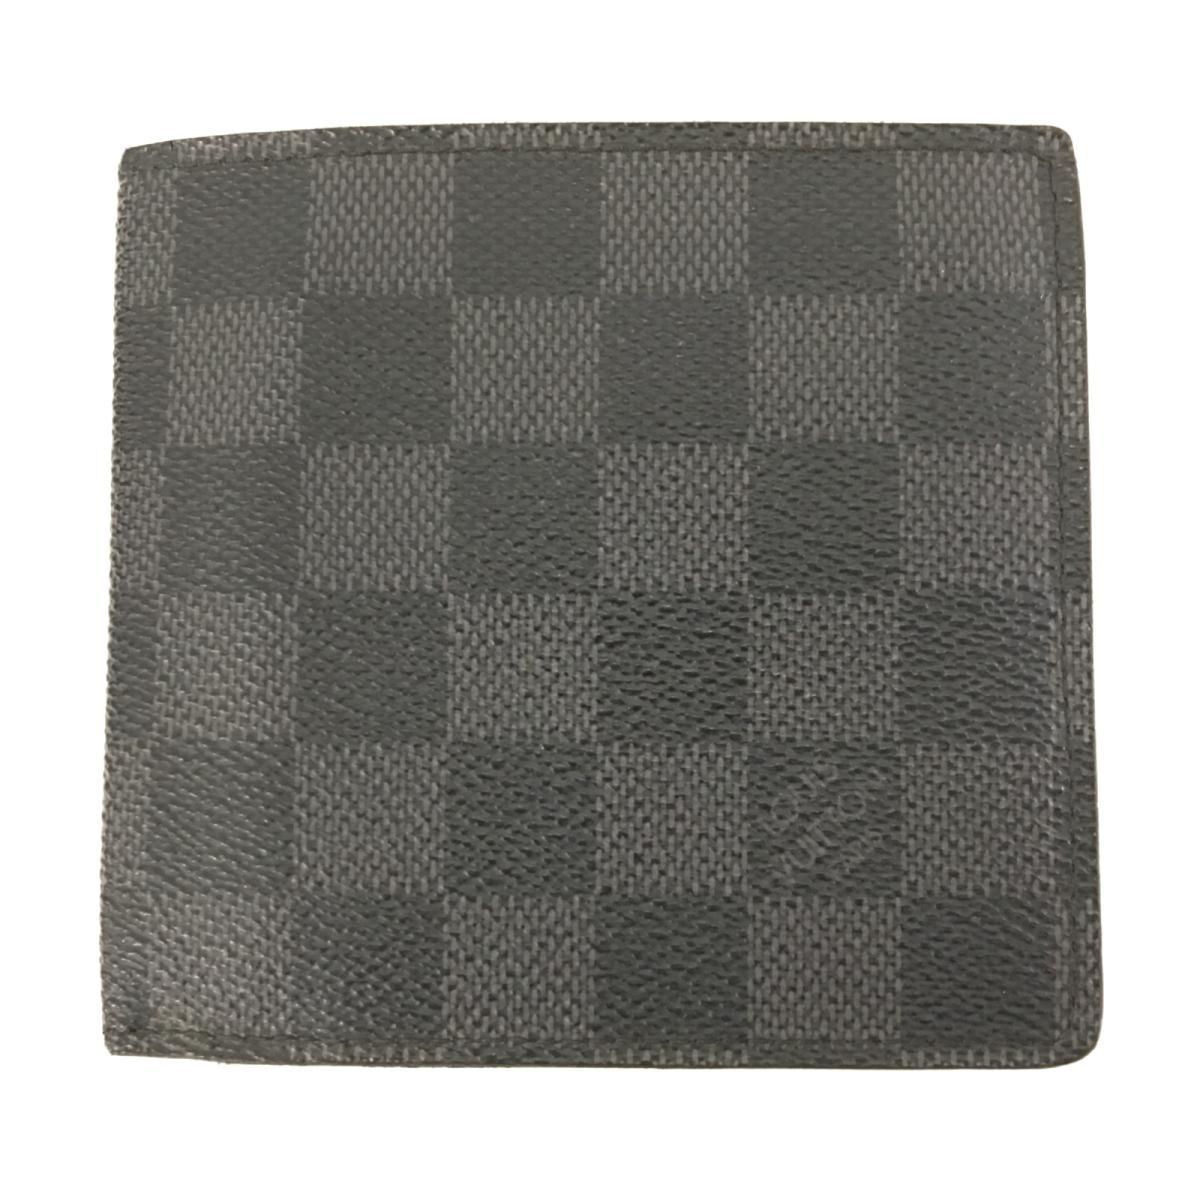 【中古】 ルイヴィトン 二つ折財布 ウォレット メンズ レディース ダミエ・グラフィット (N62664) | LOUIS VUITTON ヴィトン ビトン ルイ・ヴィトン 財布 二つ折財布 ブランドオフ BRANDOFF